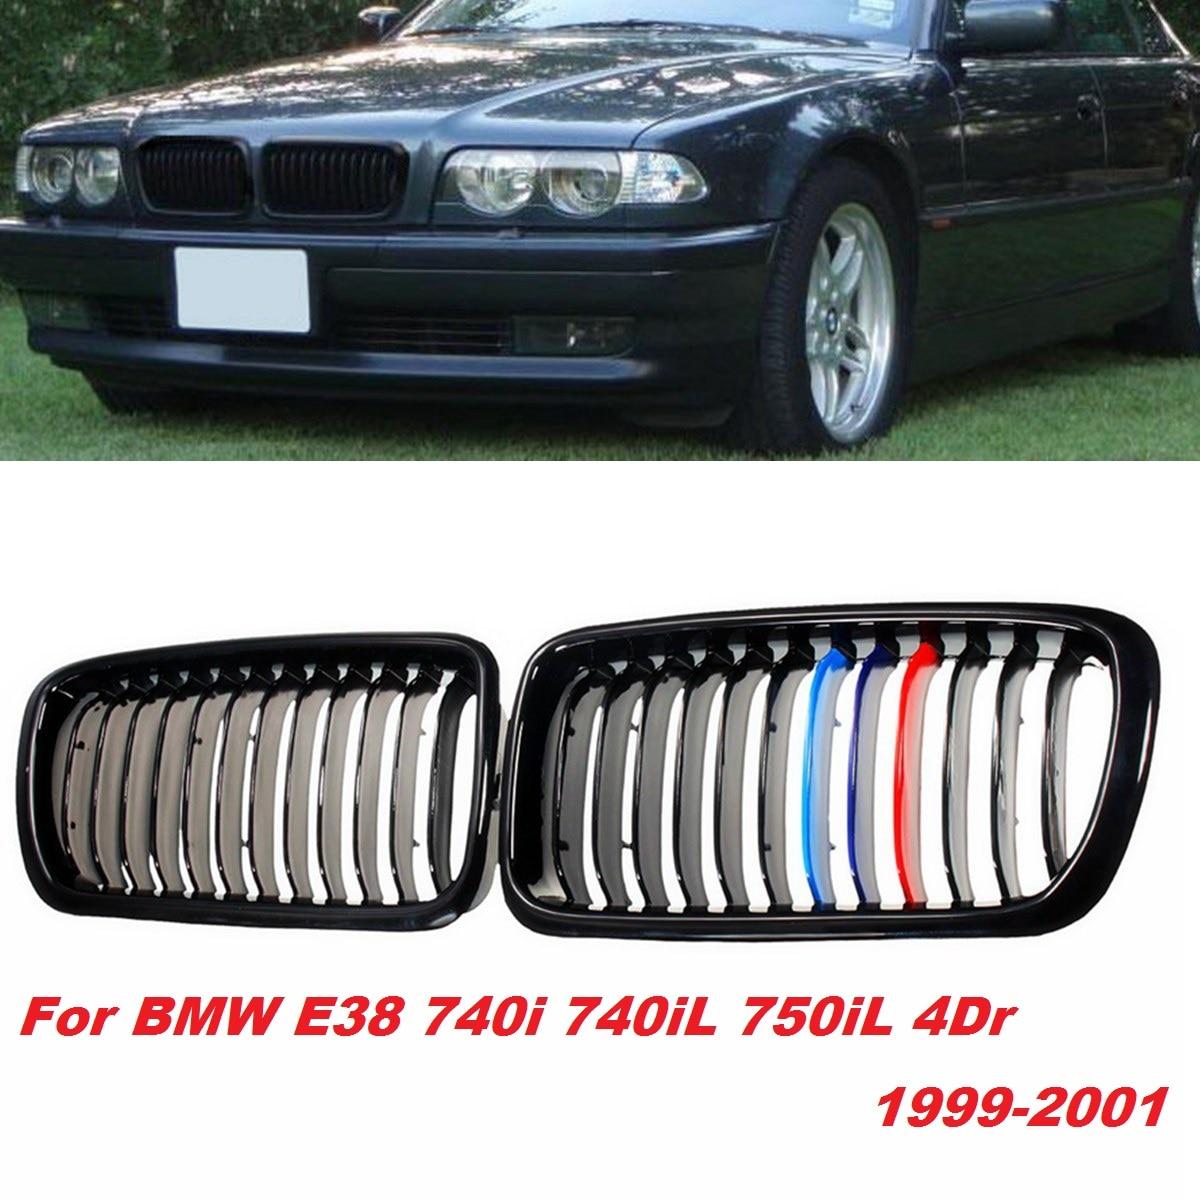 1995-2001 BMW E38 OEM REAR CHROME BUMPER TRIM 740i 750iL 740iL 740 750 735iL 735